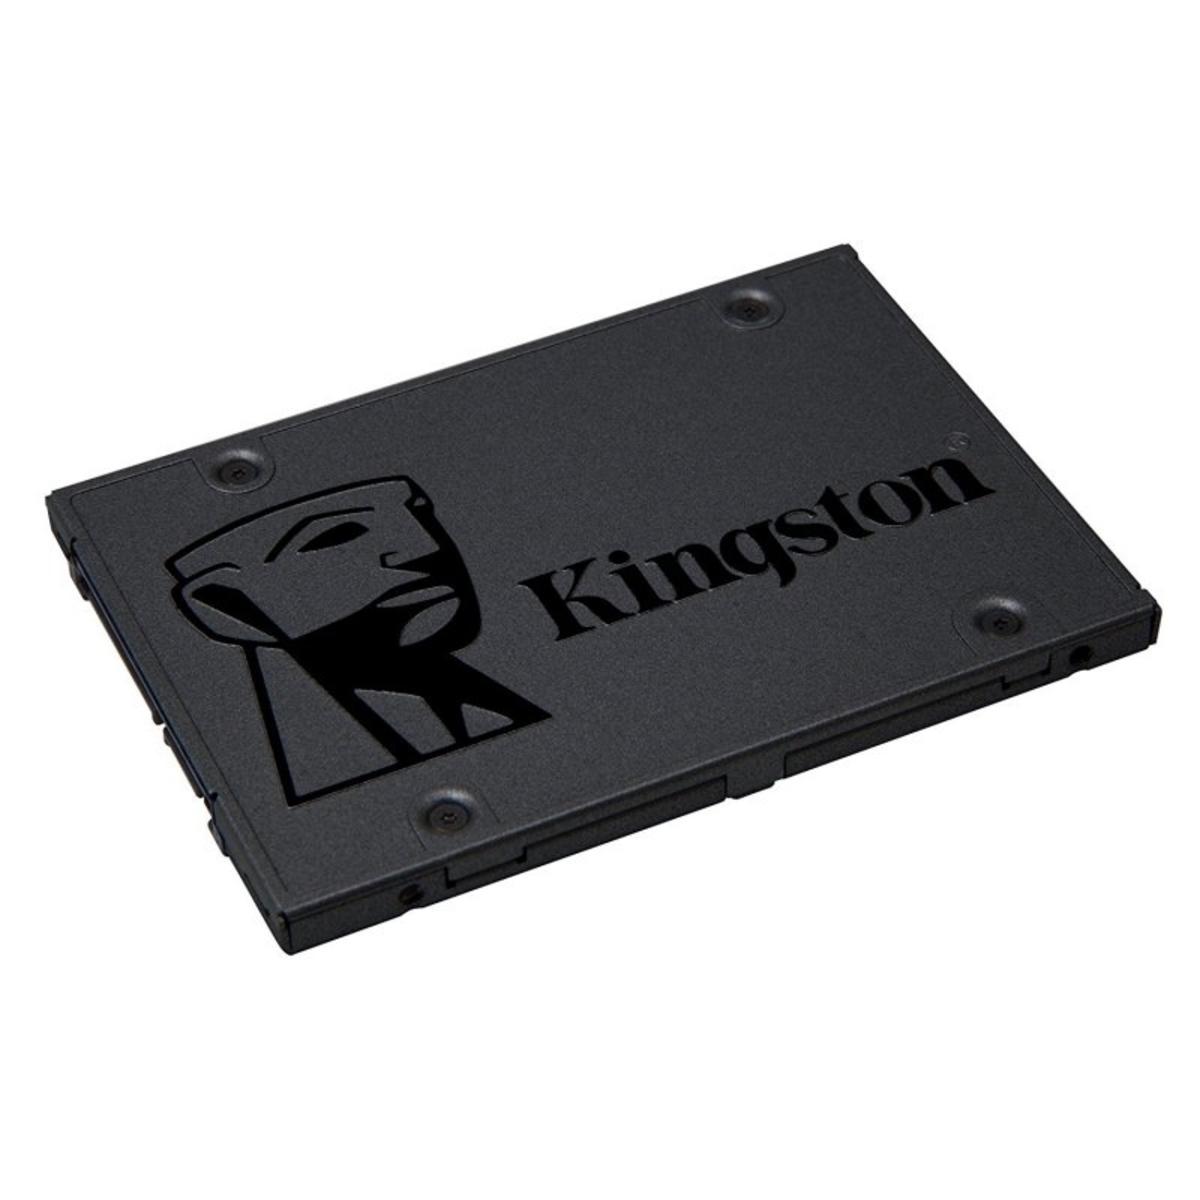 Disco Duro HD 2.5 SSD 480GB SATA3 KINGSTON SSDNOW A400